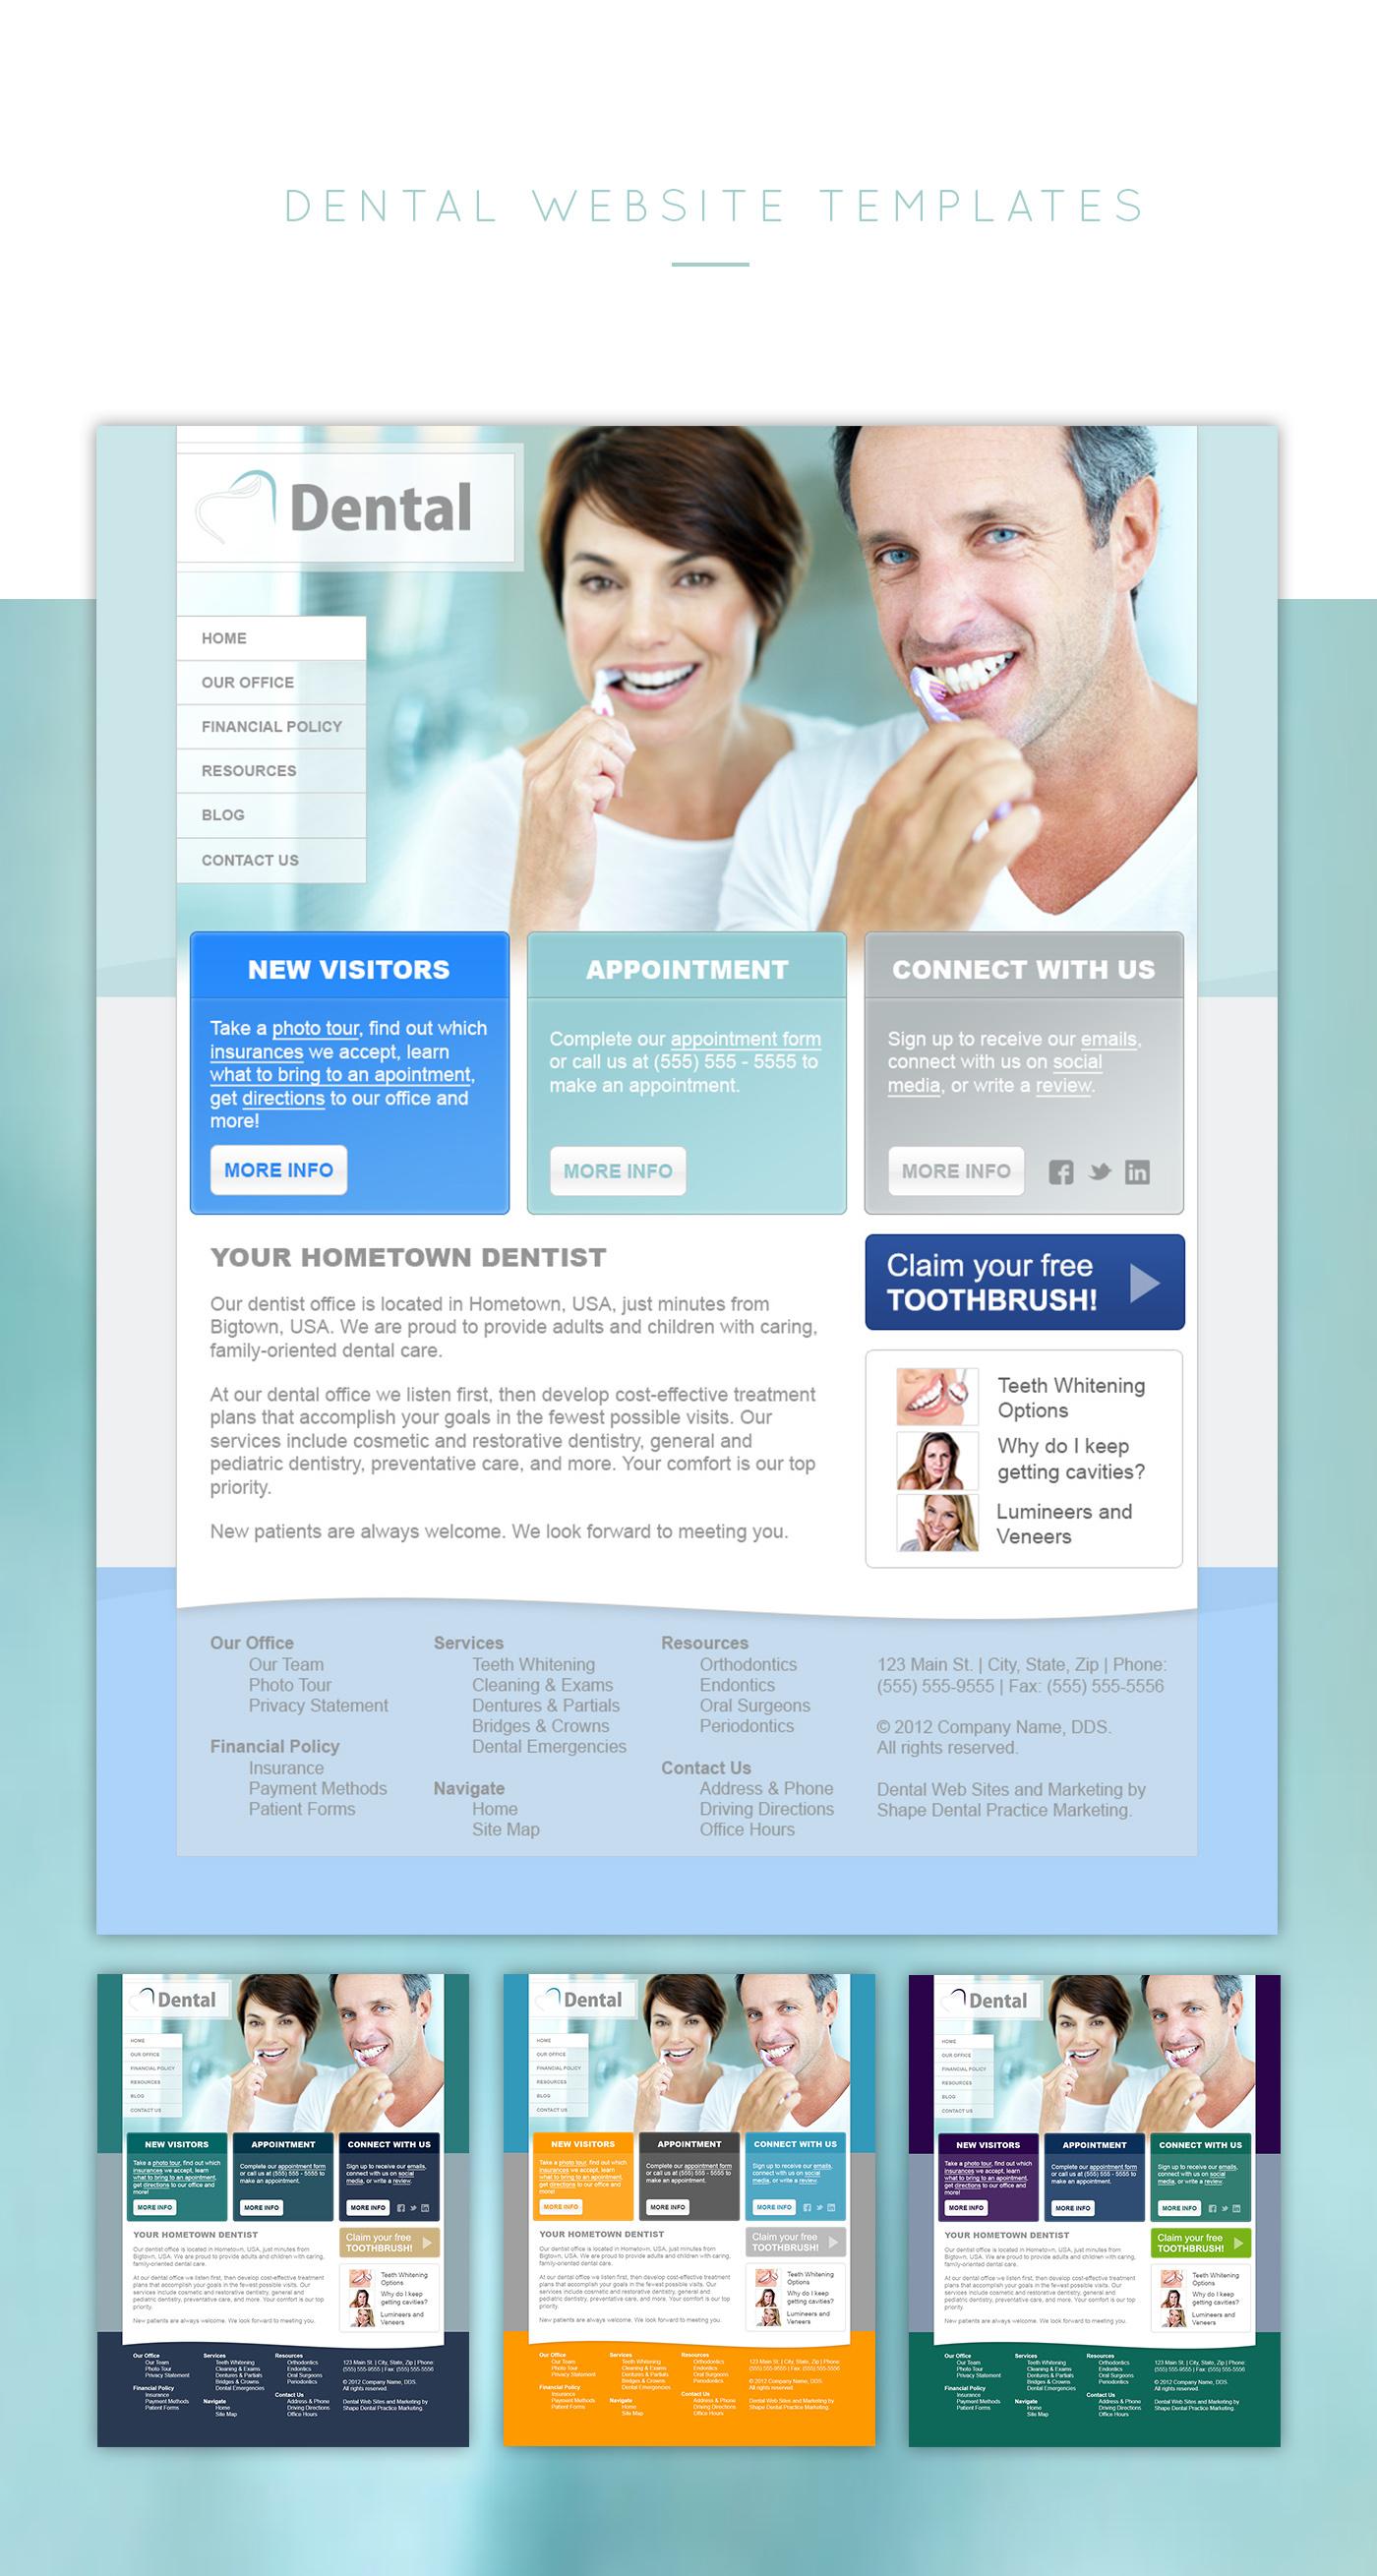 dental website templates concepts on behance. Black Bedroom Furniture Sets. Home Design Ideas